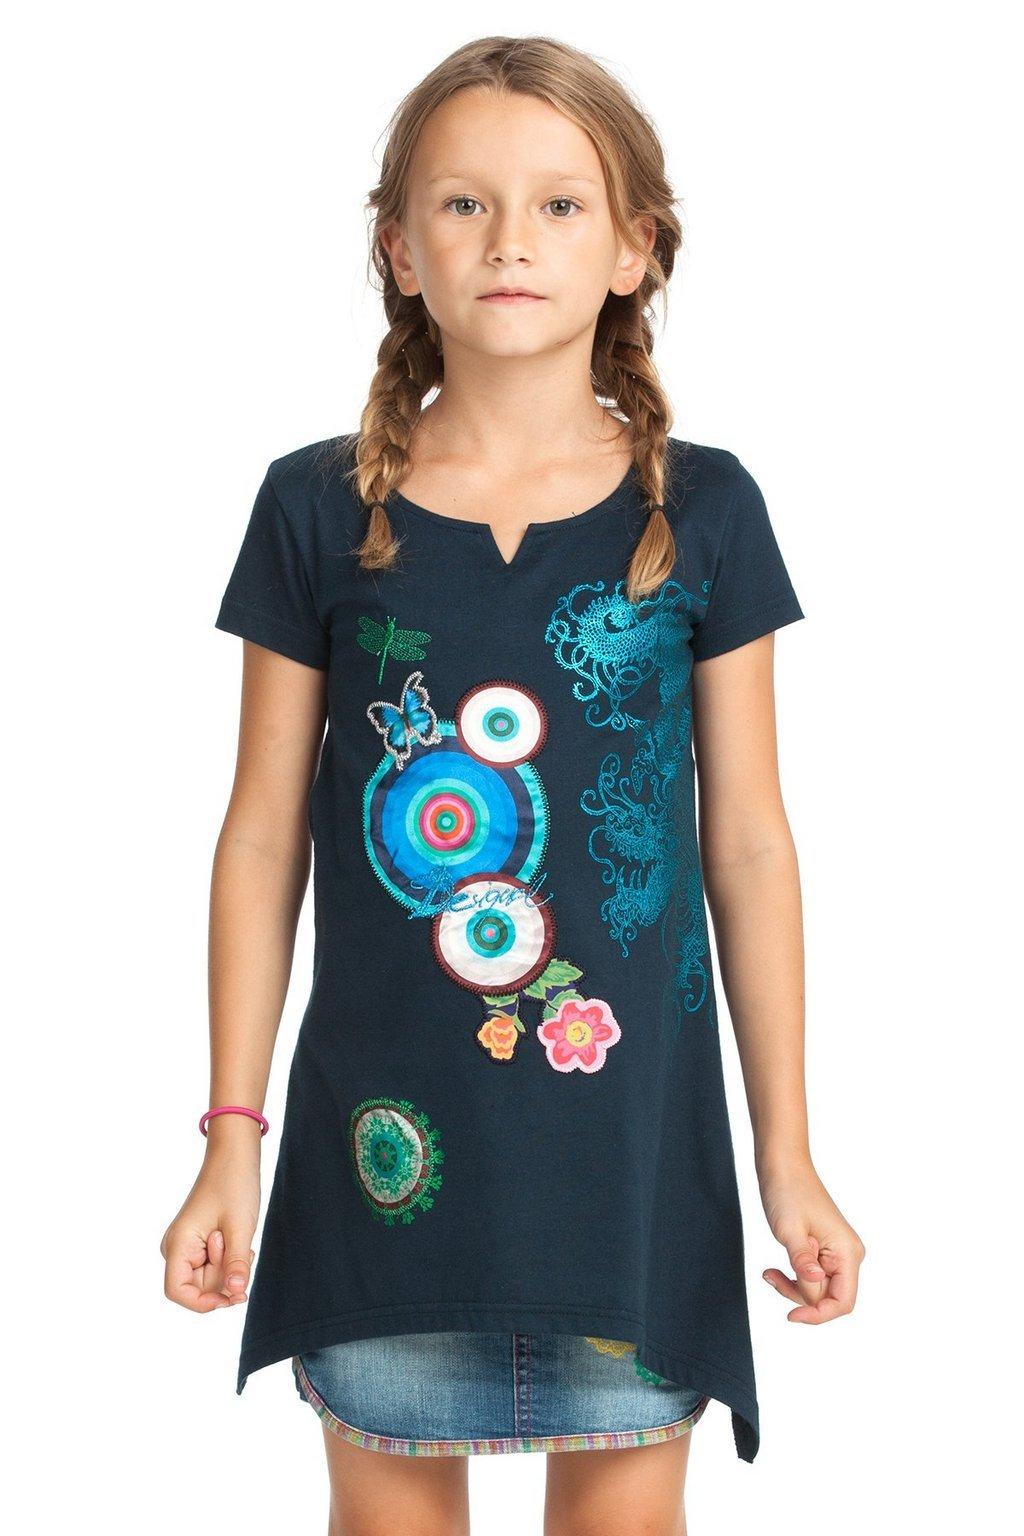 Basaran T-Shirt